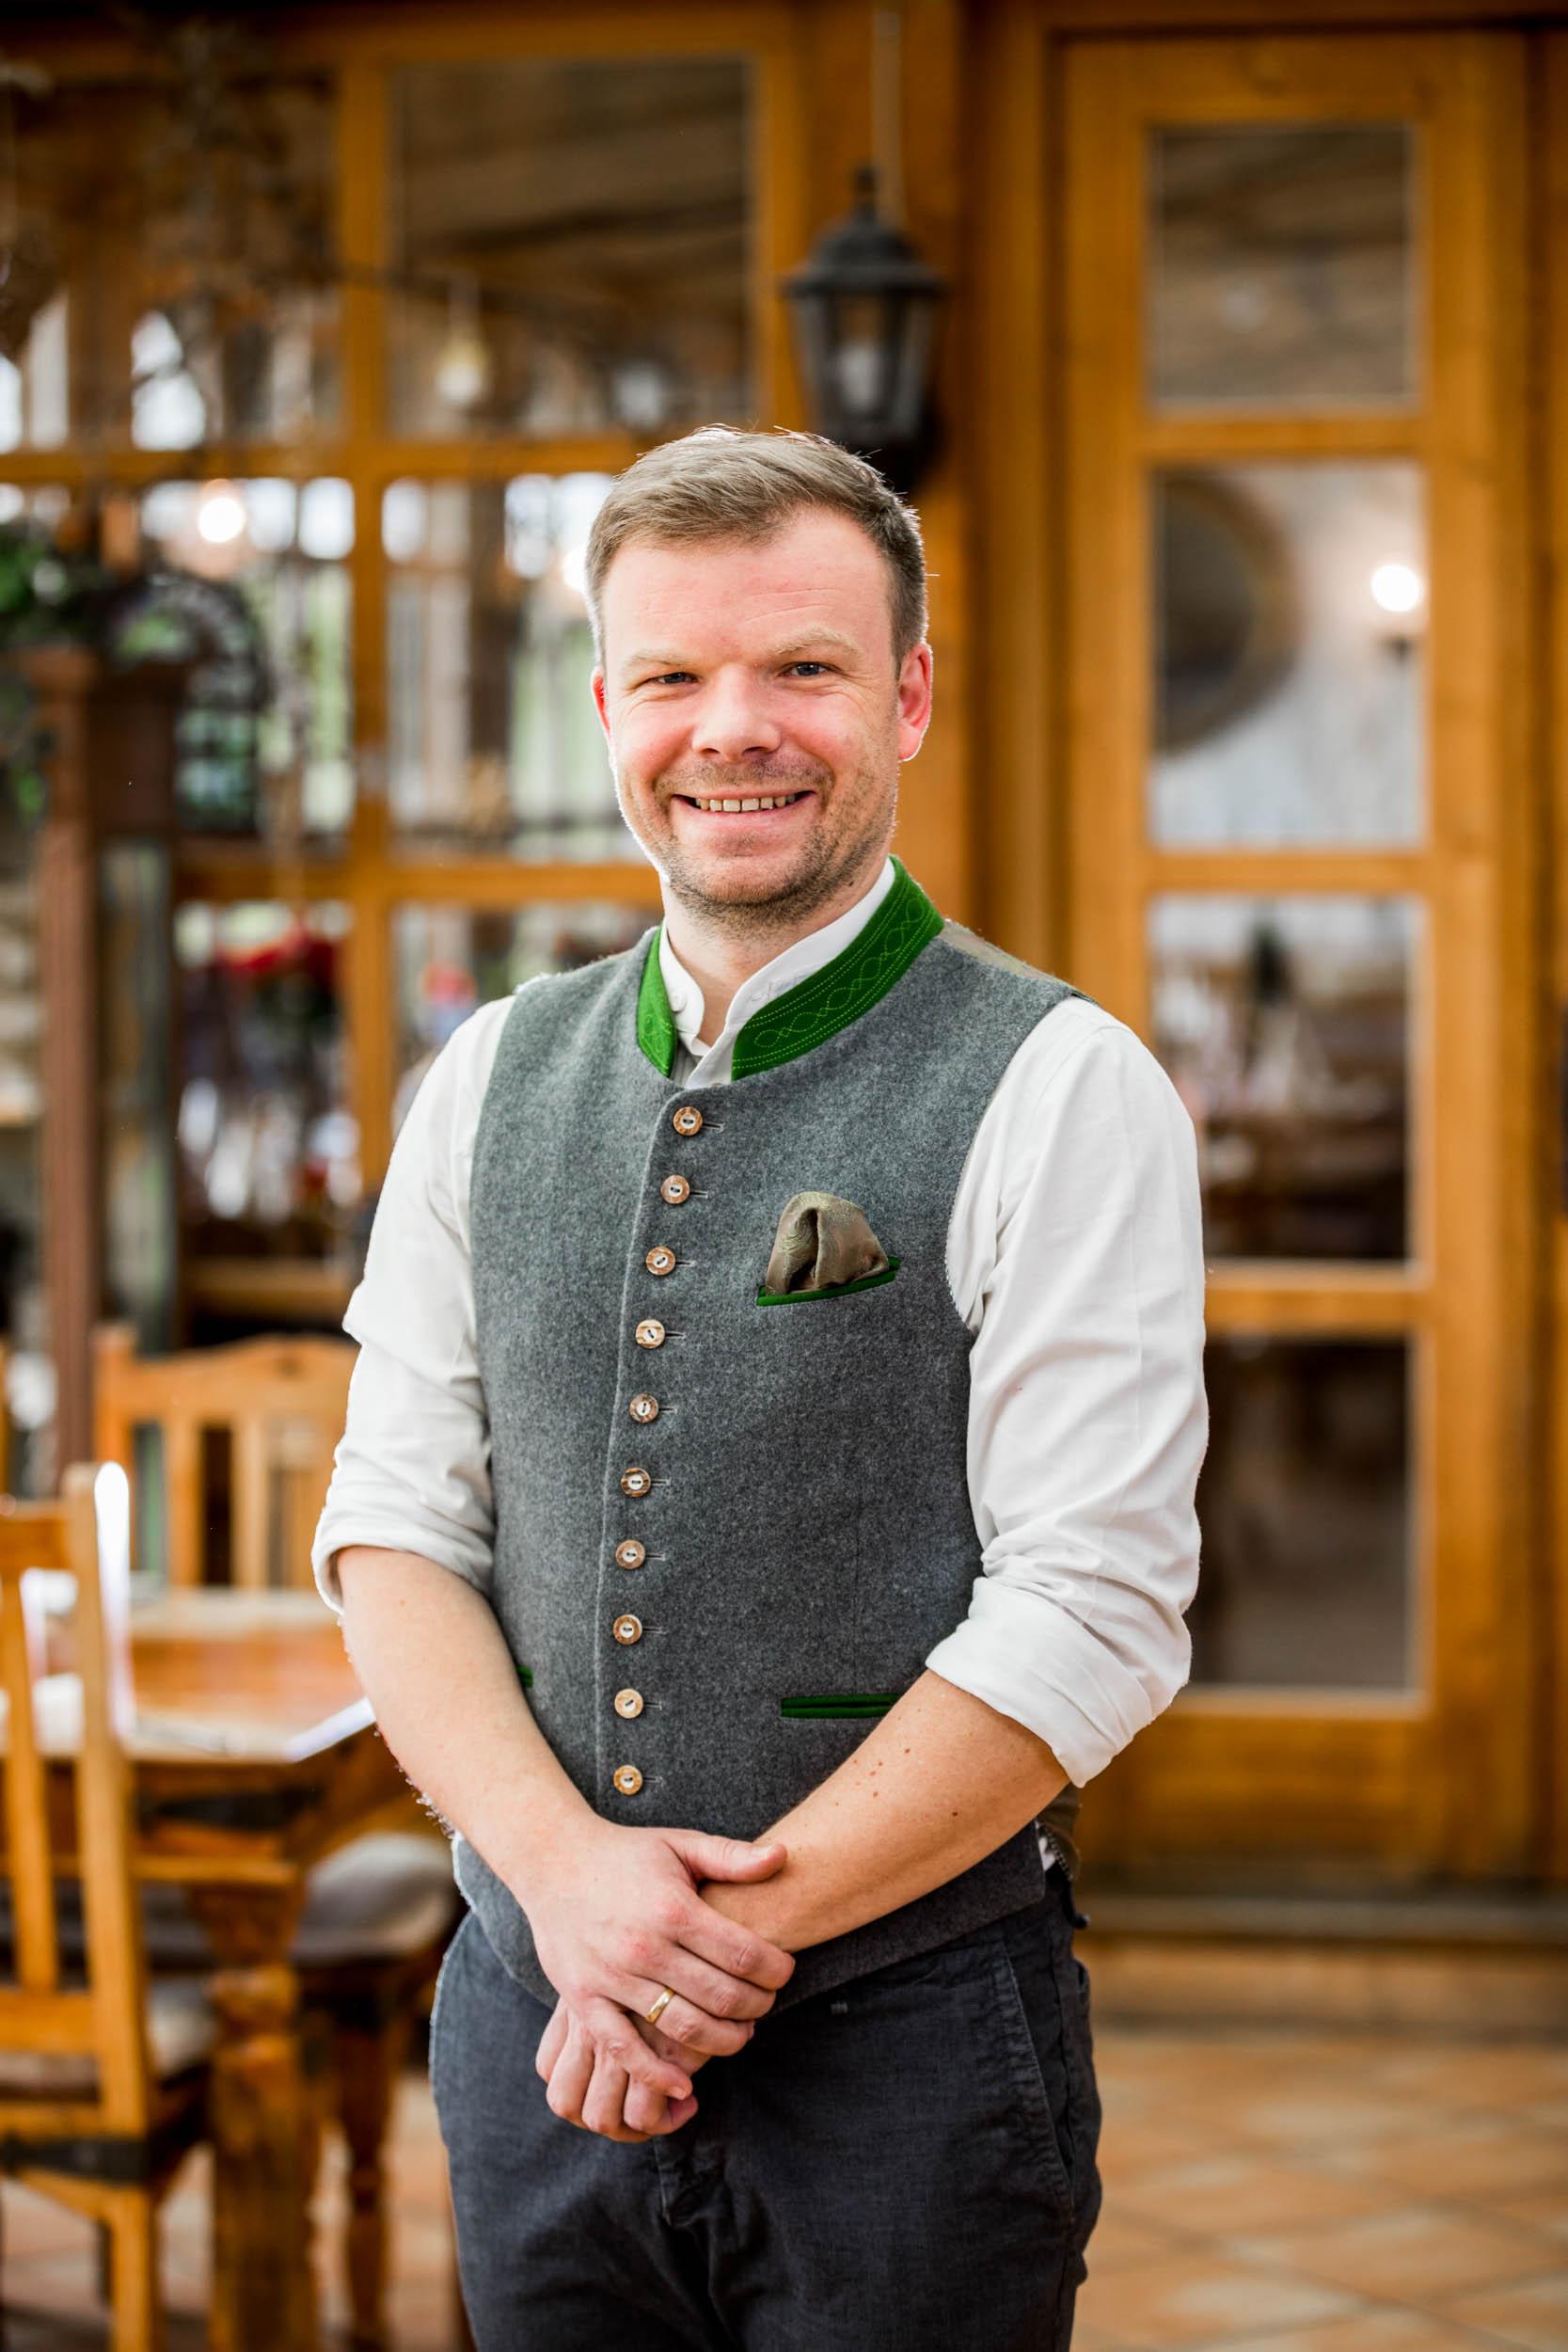 Wenn es um Kalbsbries geht, kommt Chefkoch und Inhaber der Kugler Alm Ebersberg Korbinian Kugler ins Schwärmen